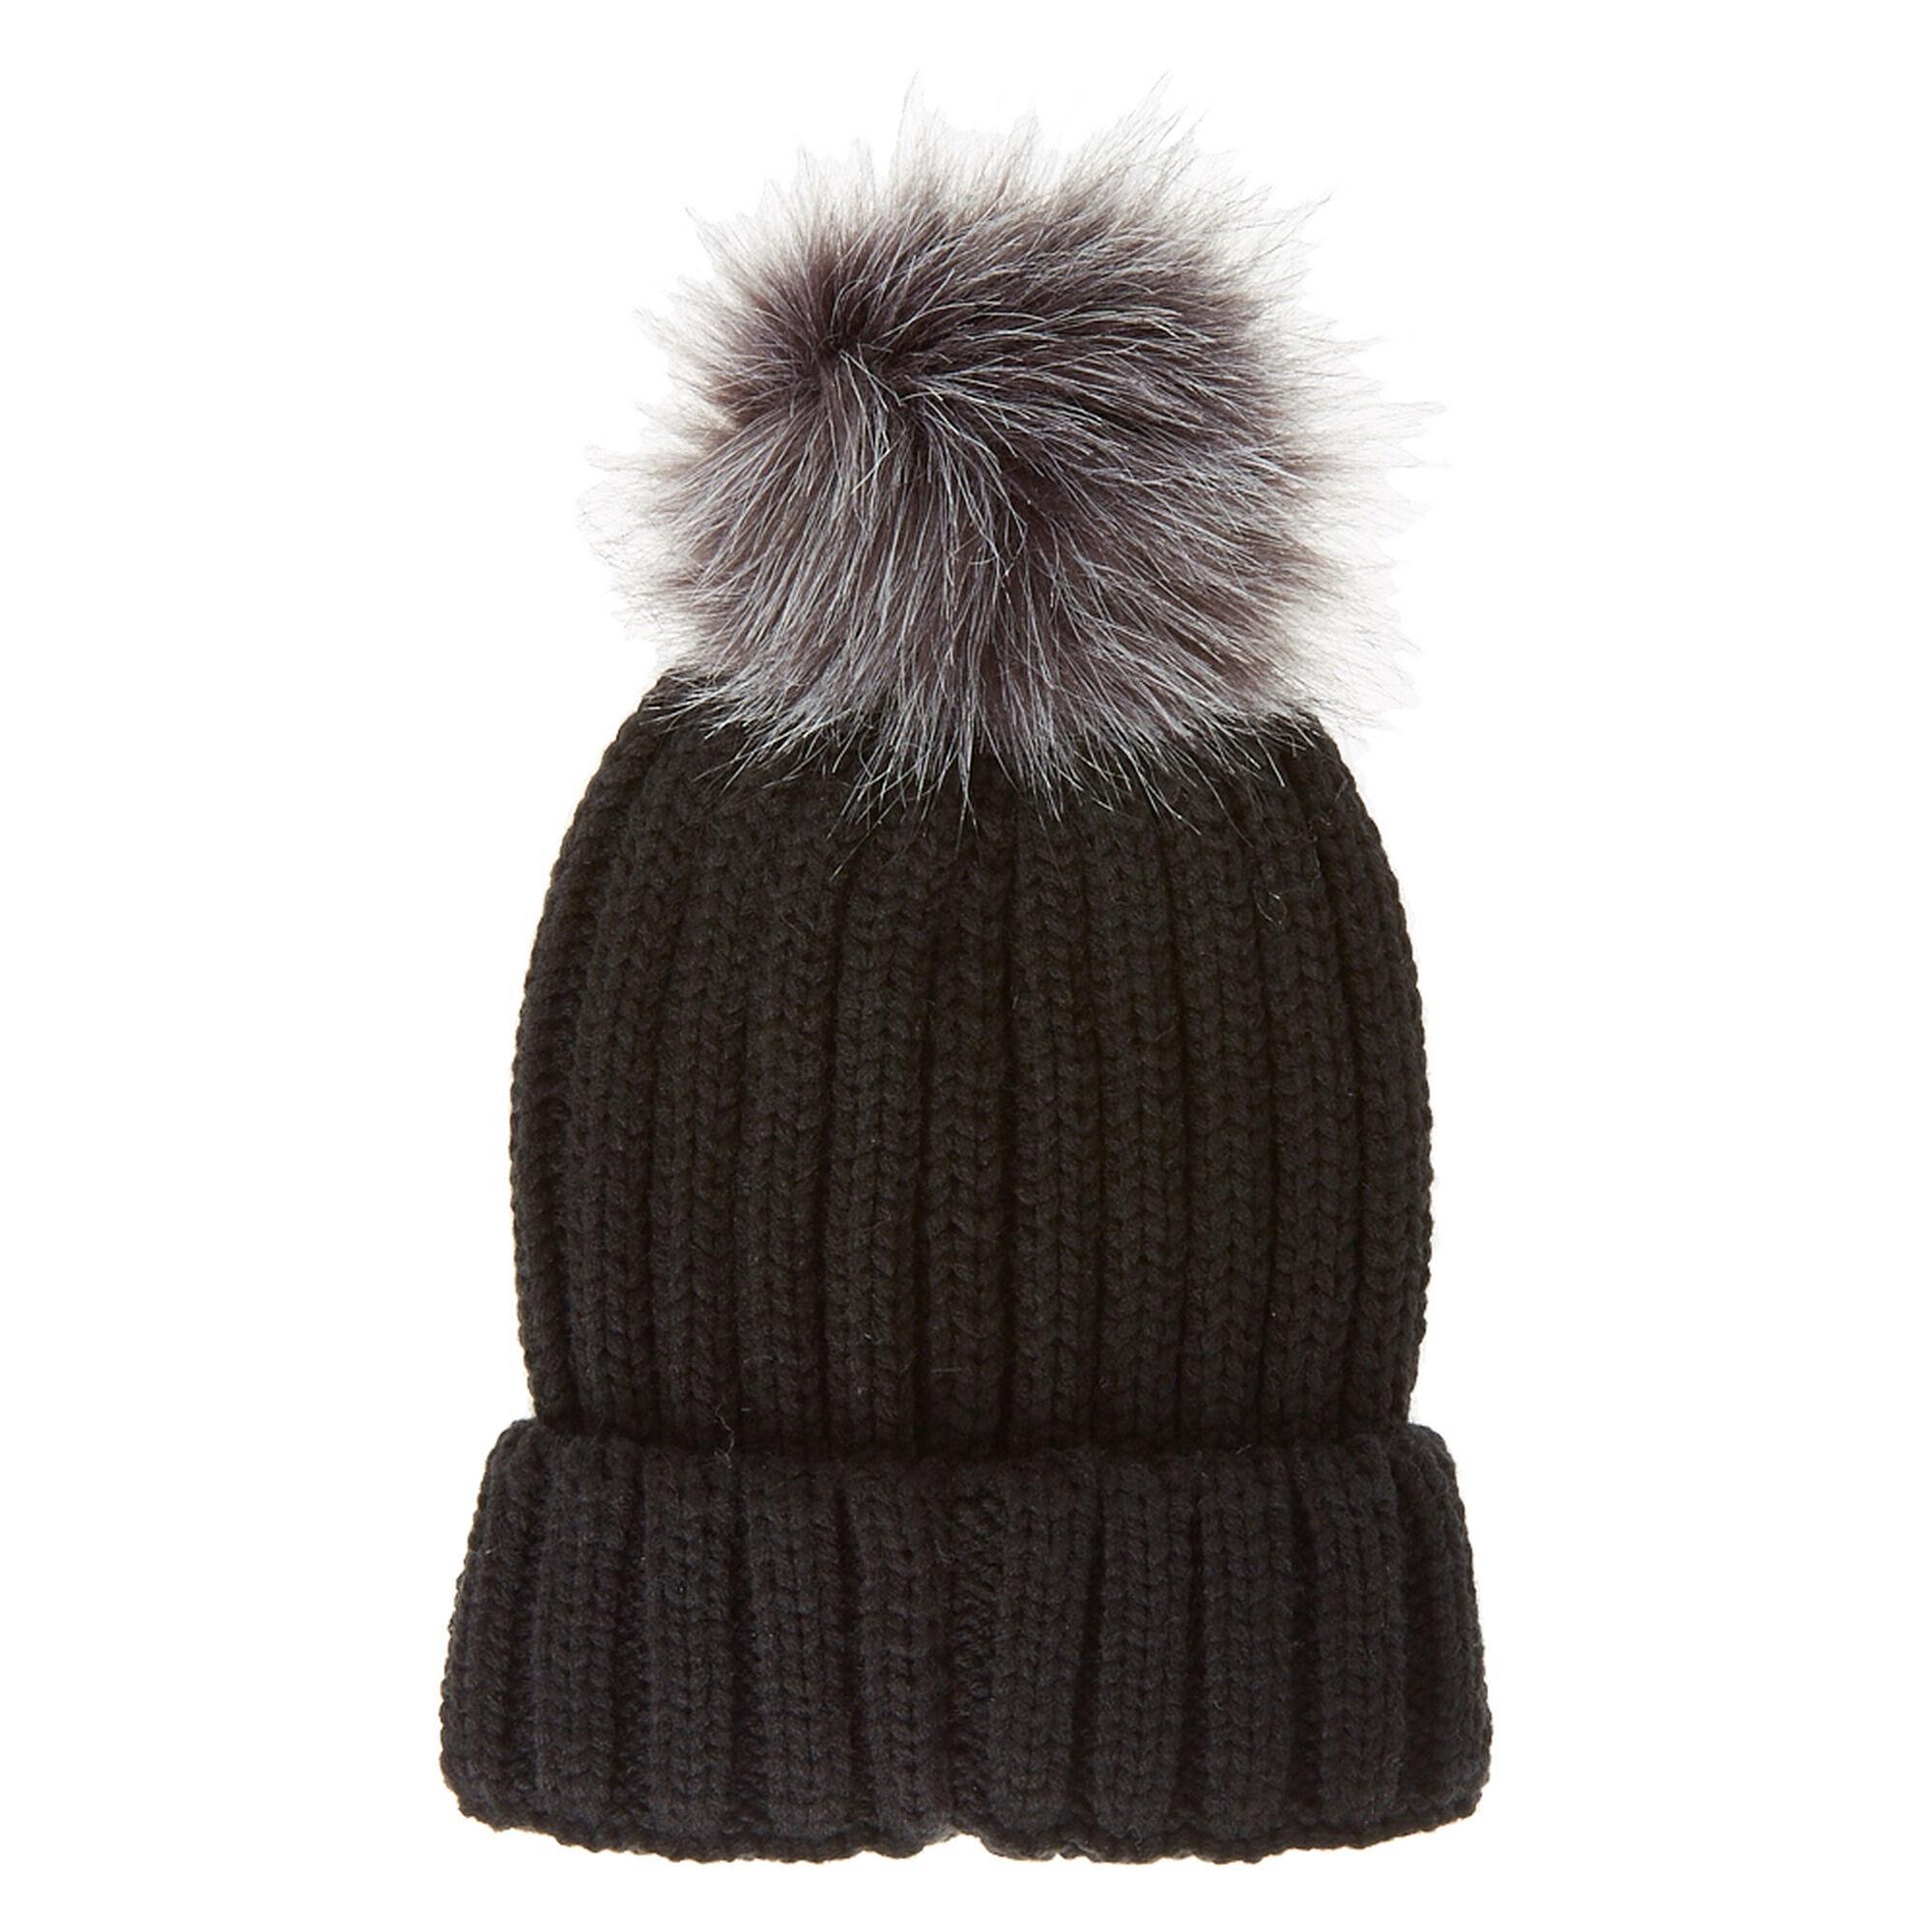 Black Beanie Hat with Grey Pom Pom  8bc837964a5